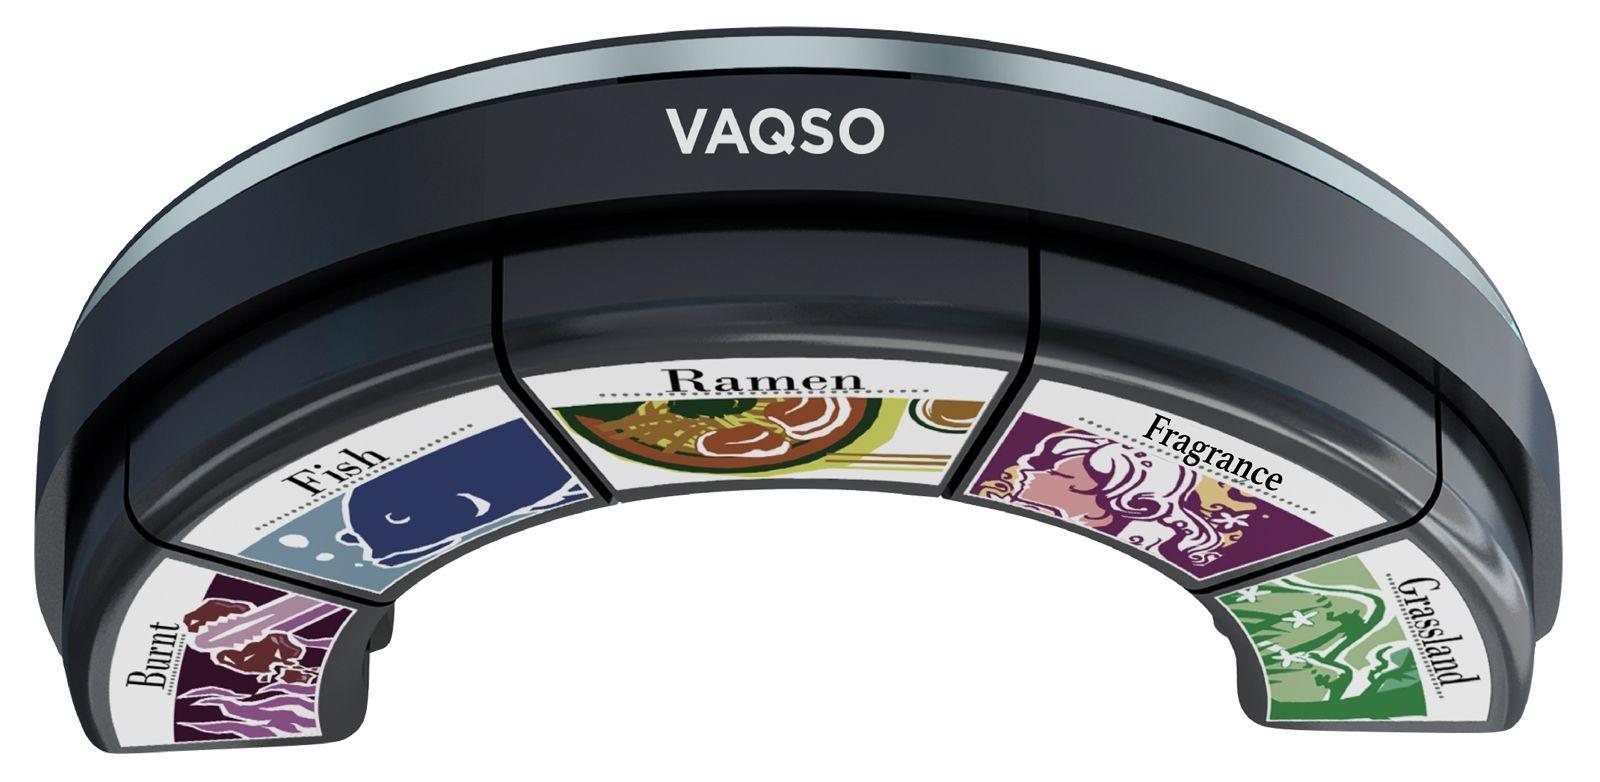 香りを発生するVRデバイス「VAQSO VR」。VRゴーグルの下に装着して使う (出所:VAQSO)